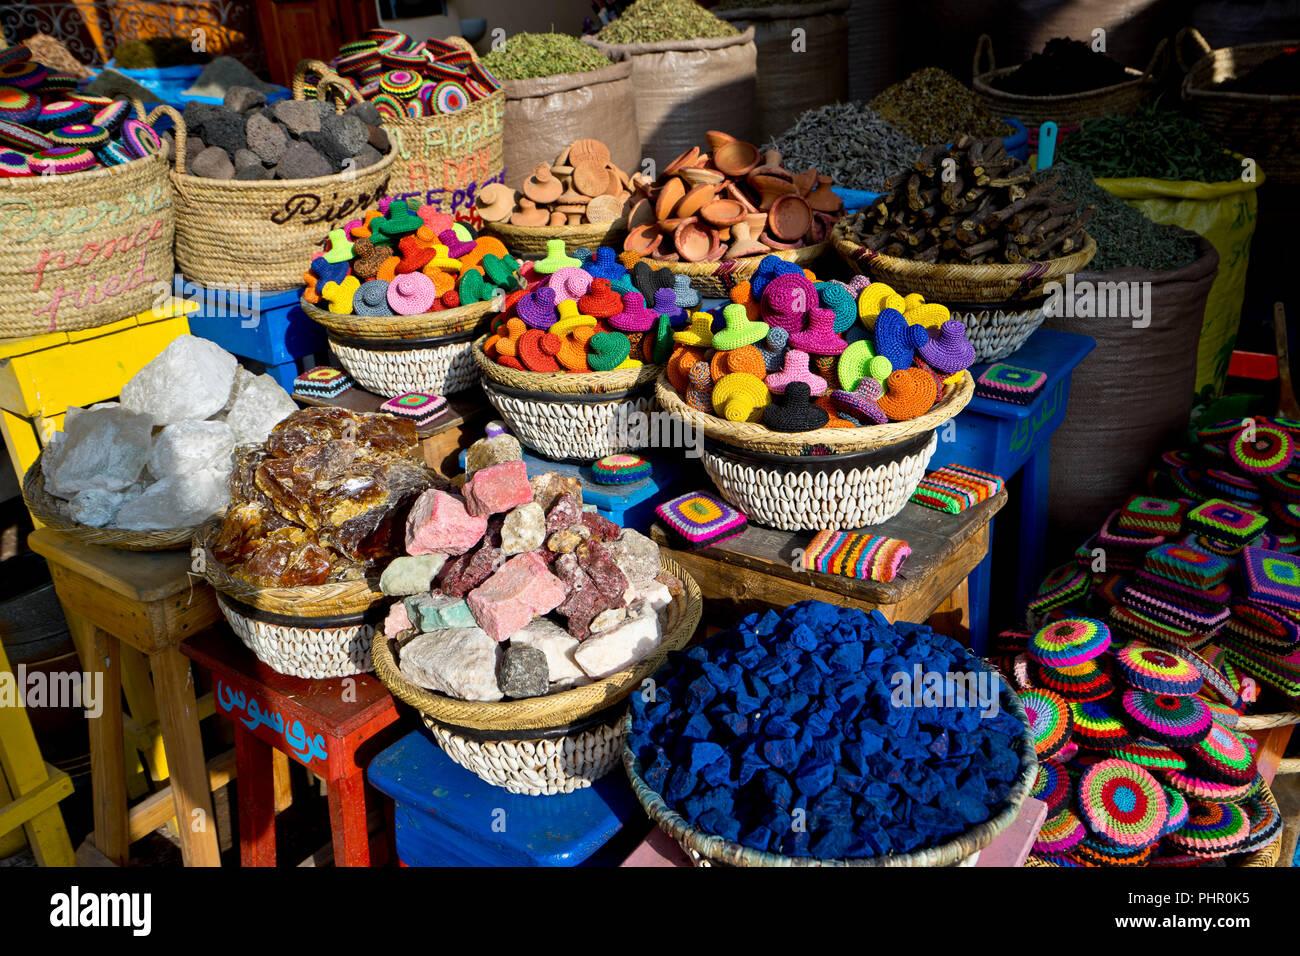 In den Souks von Marrakesch ist das Angebot farbig und abwechlungsreich. - Stock Image